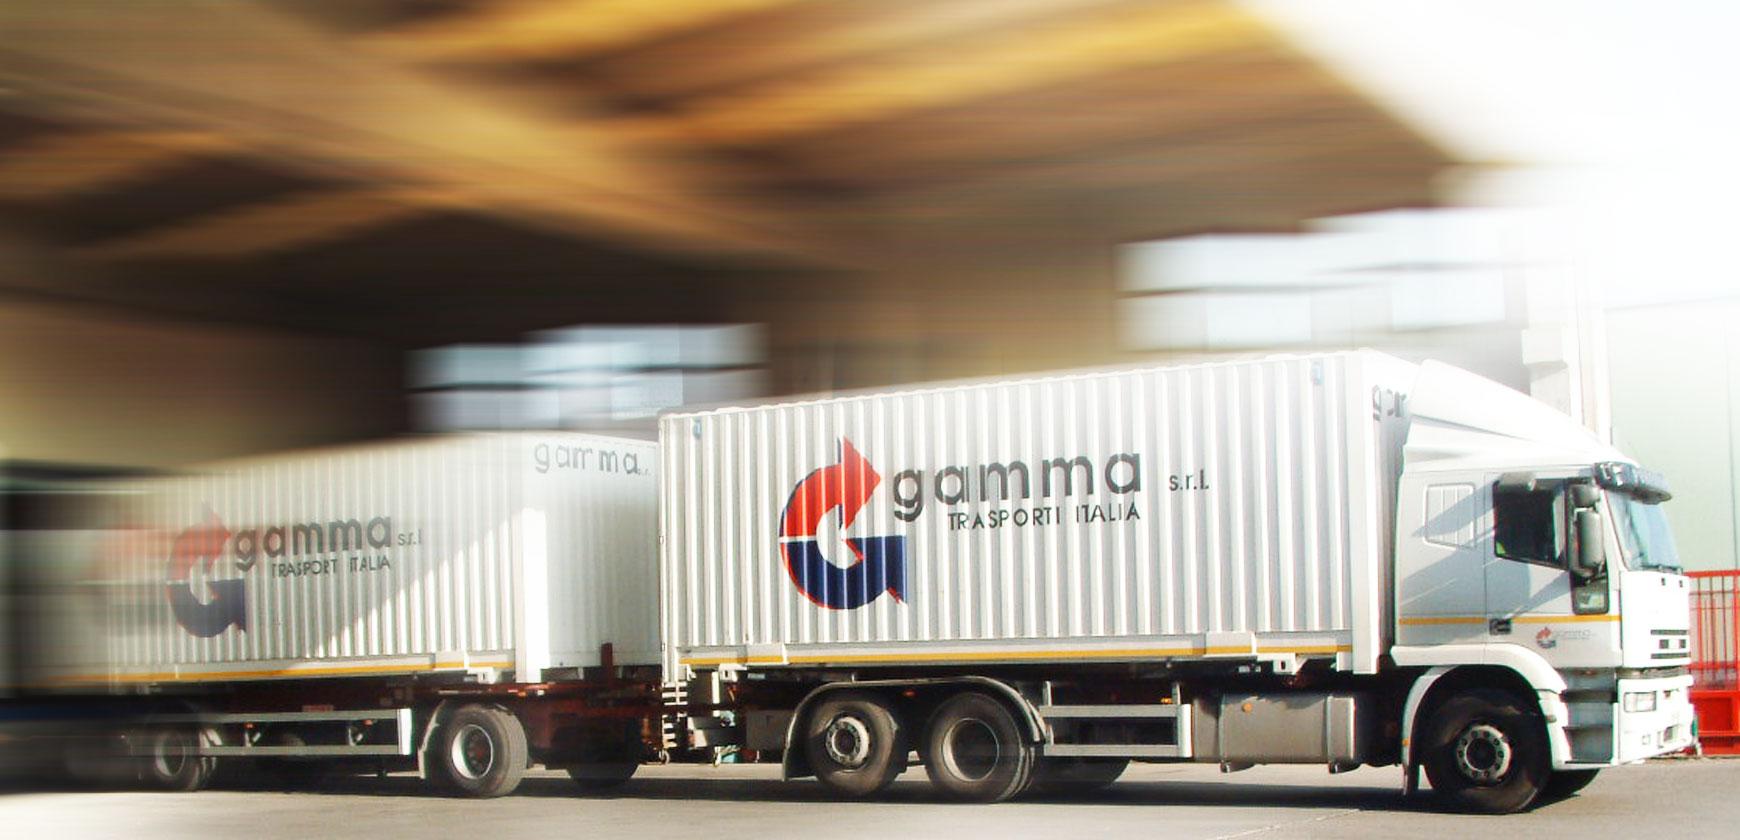 Trasporto-su-strada-Immagazzinamento-Distribuzione-Gamma4